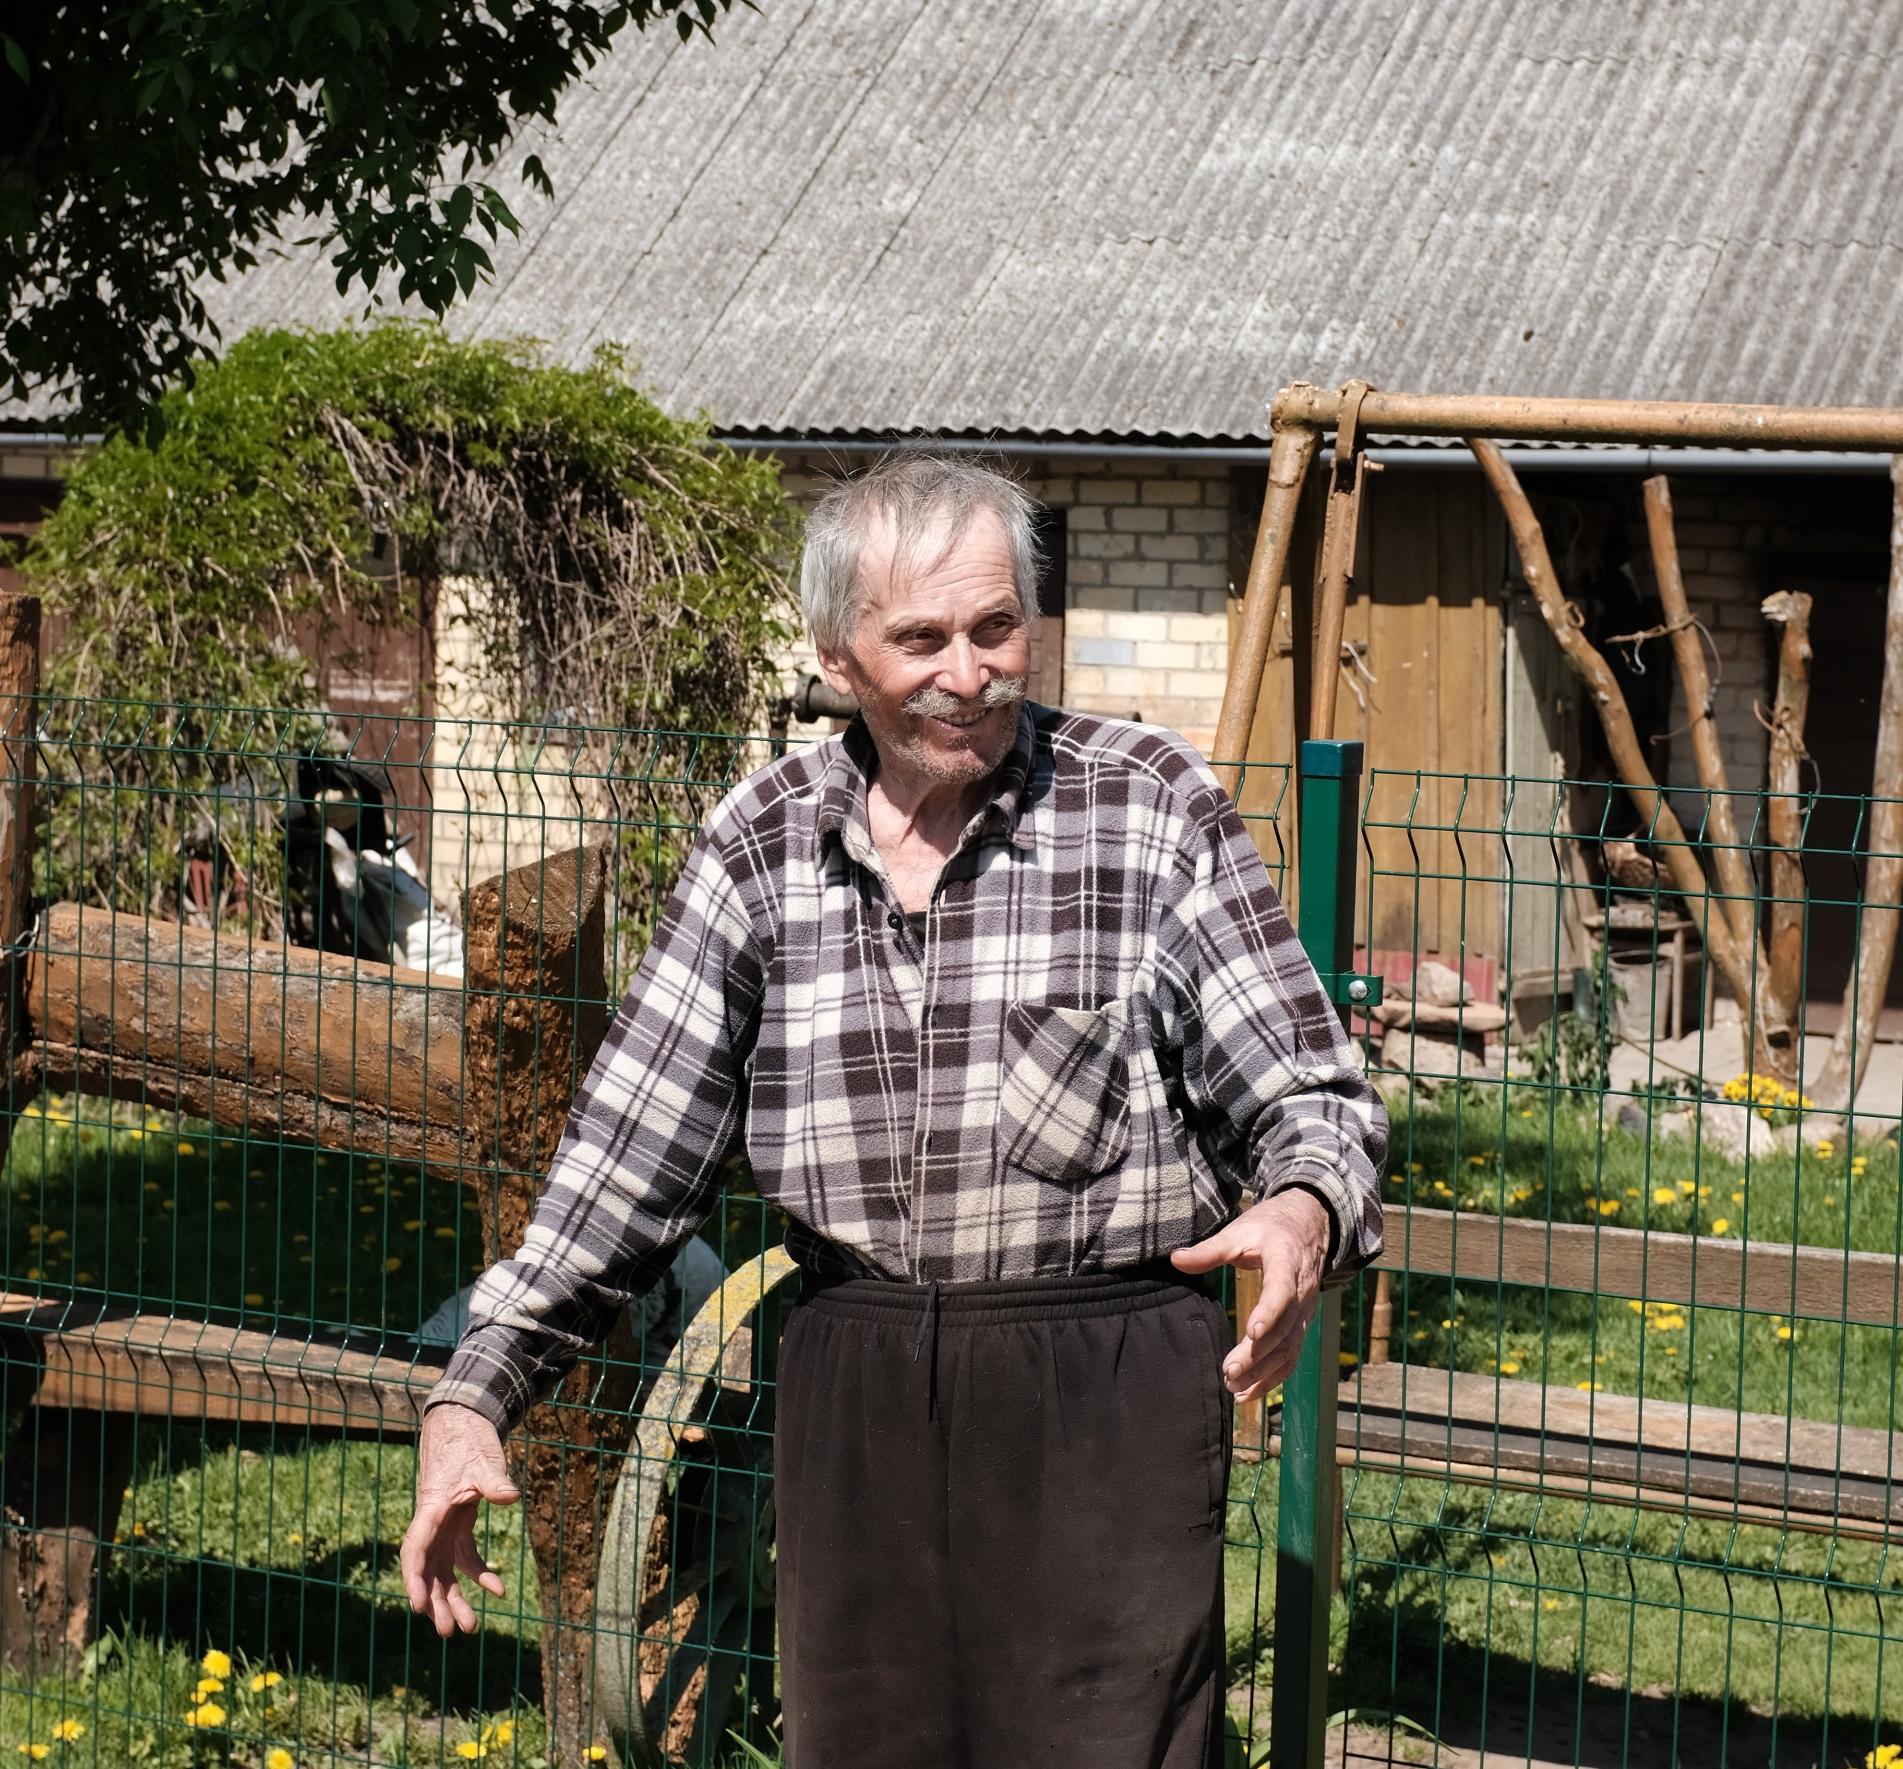 Vladas yra prisidėjęs kone prie kiekvieno ankstesnio kaimo namelio statybos, mat visą gyvenimą ir dirbo statybininku. A. Kasparavičiaus nuotr.